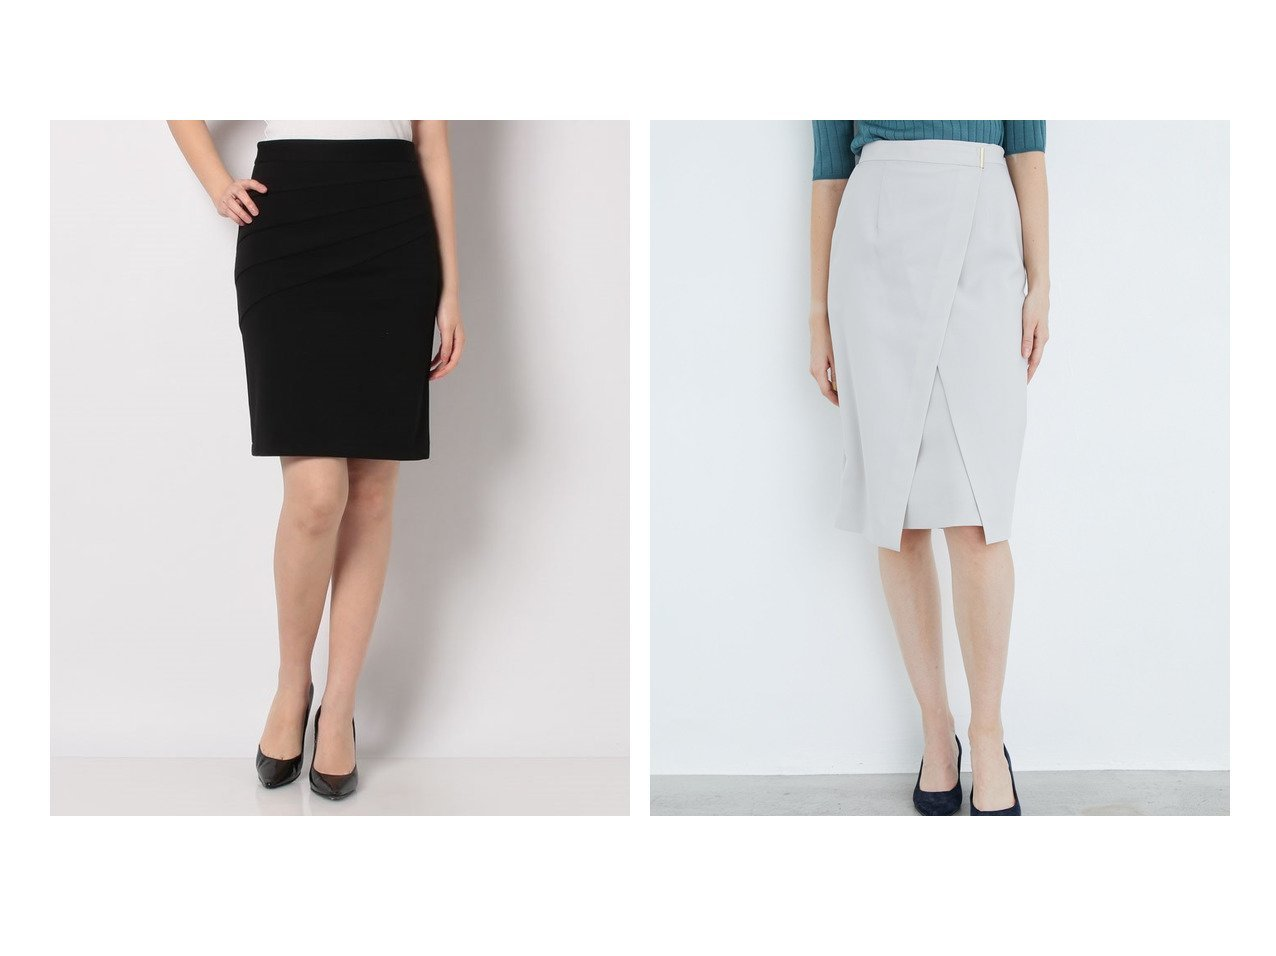 【TONAL/トーナル】の【セットアップ対応商品】ドライツイルアシメタイトスカート&【salire/サリア】の斜め切り替えバンテージスカート スカートのおすすめ!人気、トレンド・レディースファッションの通販  おすすめで人気の流行・トレンド、ファッションの通販商品 メンズファッション・キッズファッション・インテリア・家具・レディースファッション・服の通販 founy(ファニー) https://founy.com/ ファッション Fashion レディースファッション WOMEN スカート Skirt セットアップ Setup スカート Skirt NEW・新作・新着・新入荷 New Arrivals タイトスカート バイアス フィット アシンメトリー エレガント セットアップ フロント ラップ  ID:crp329100000019228